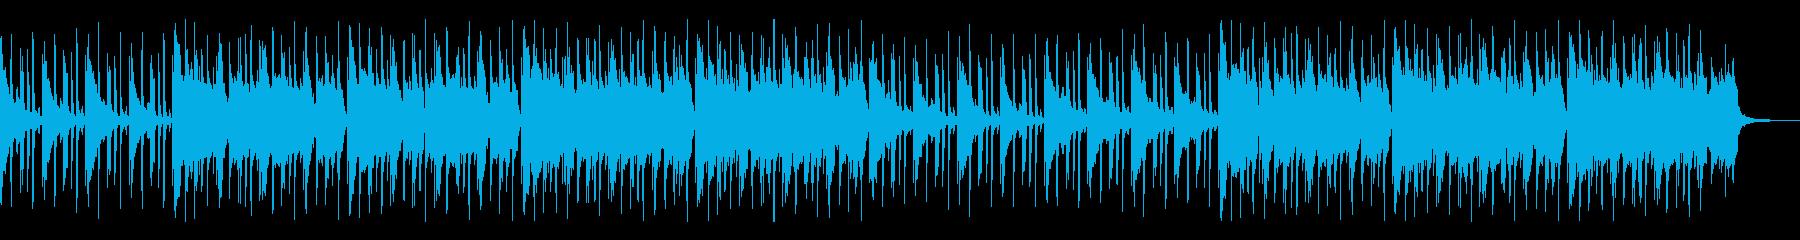 Lo-Fiチルビートの再生済みの波形